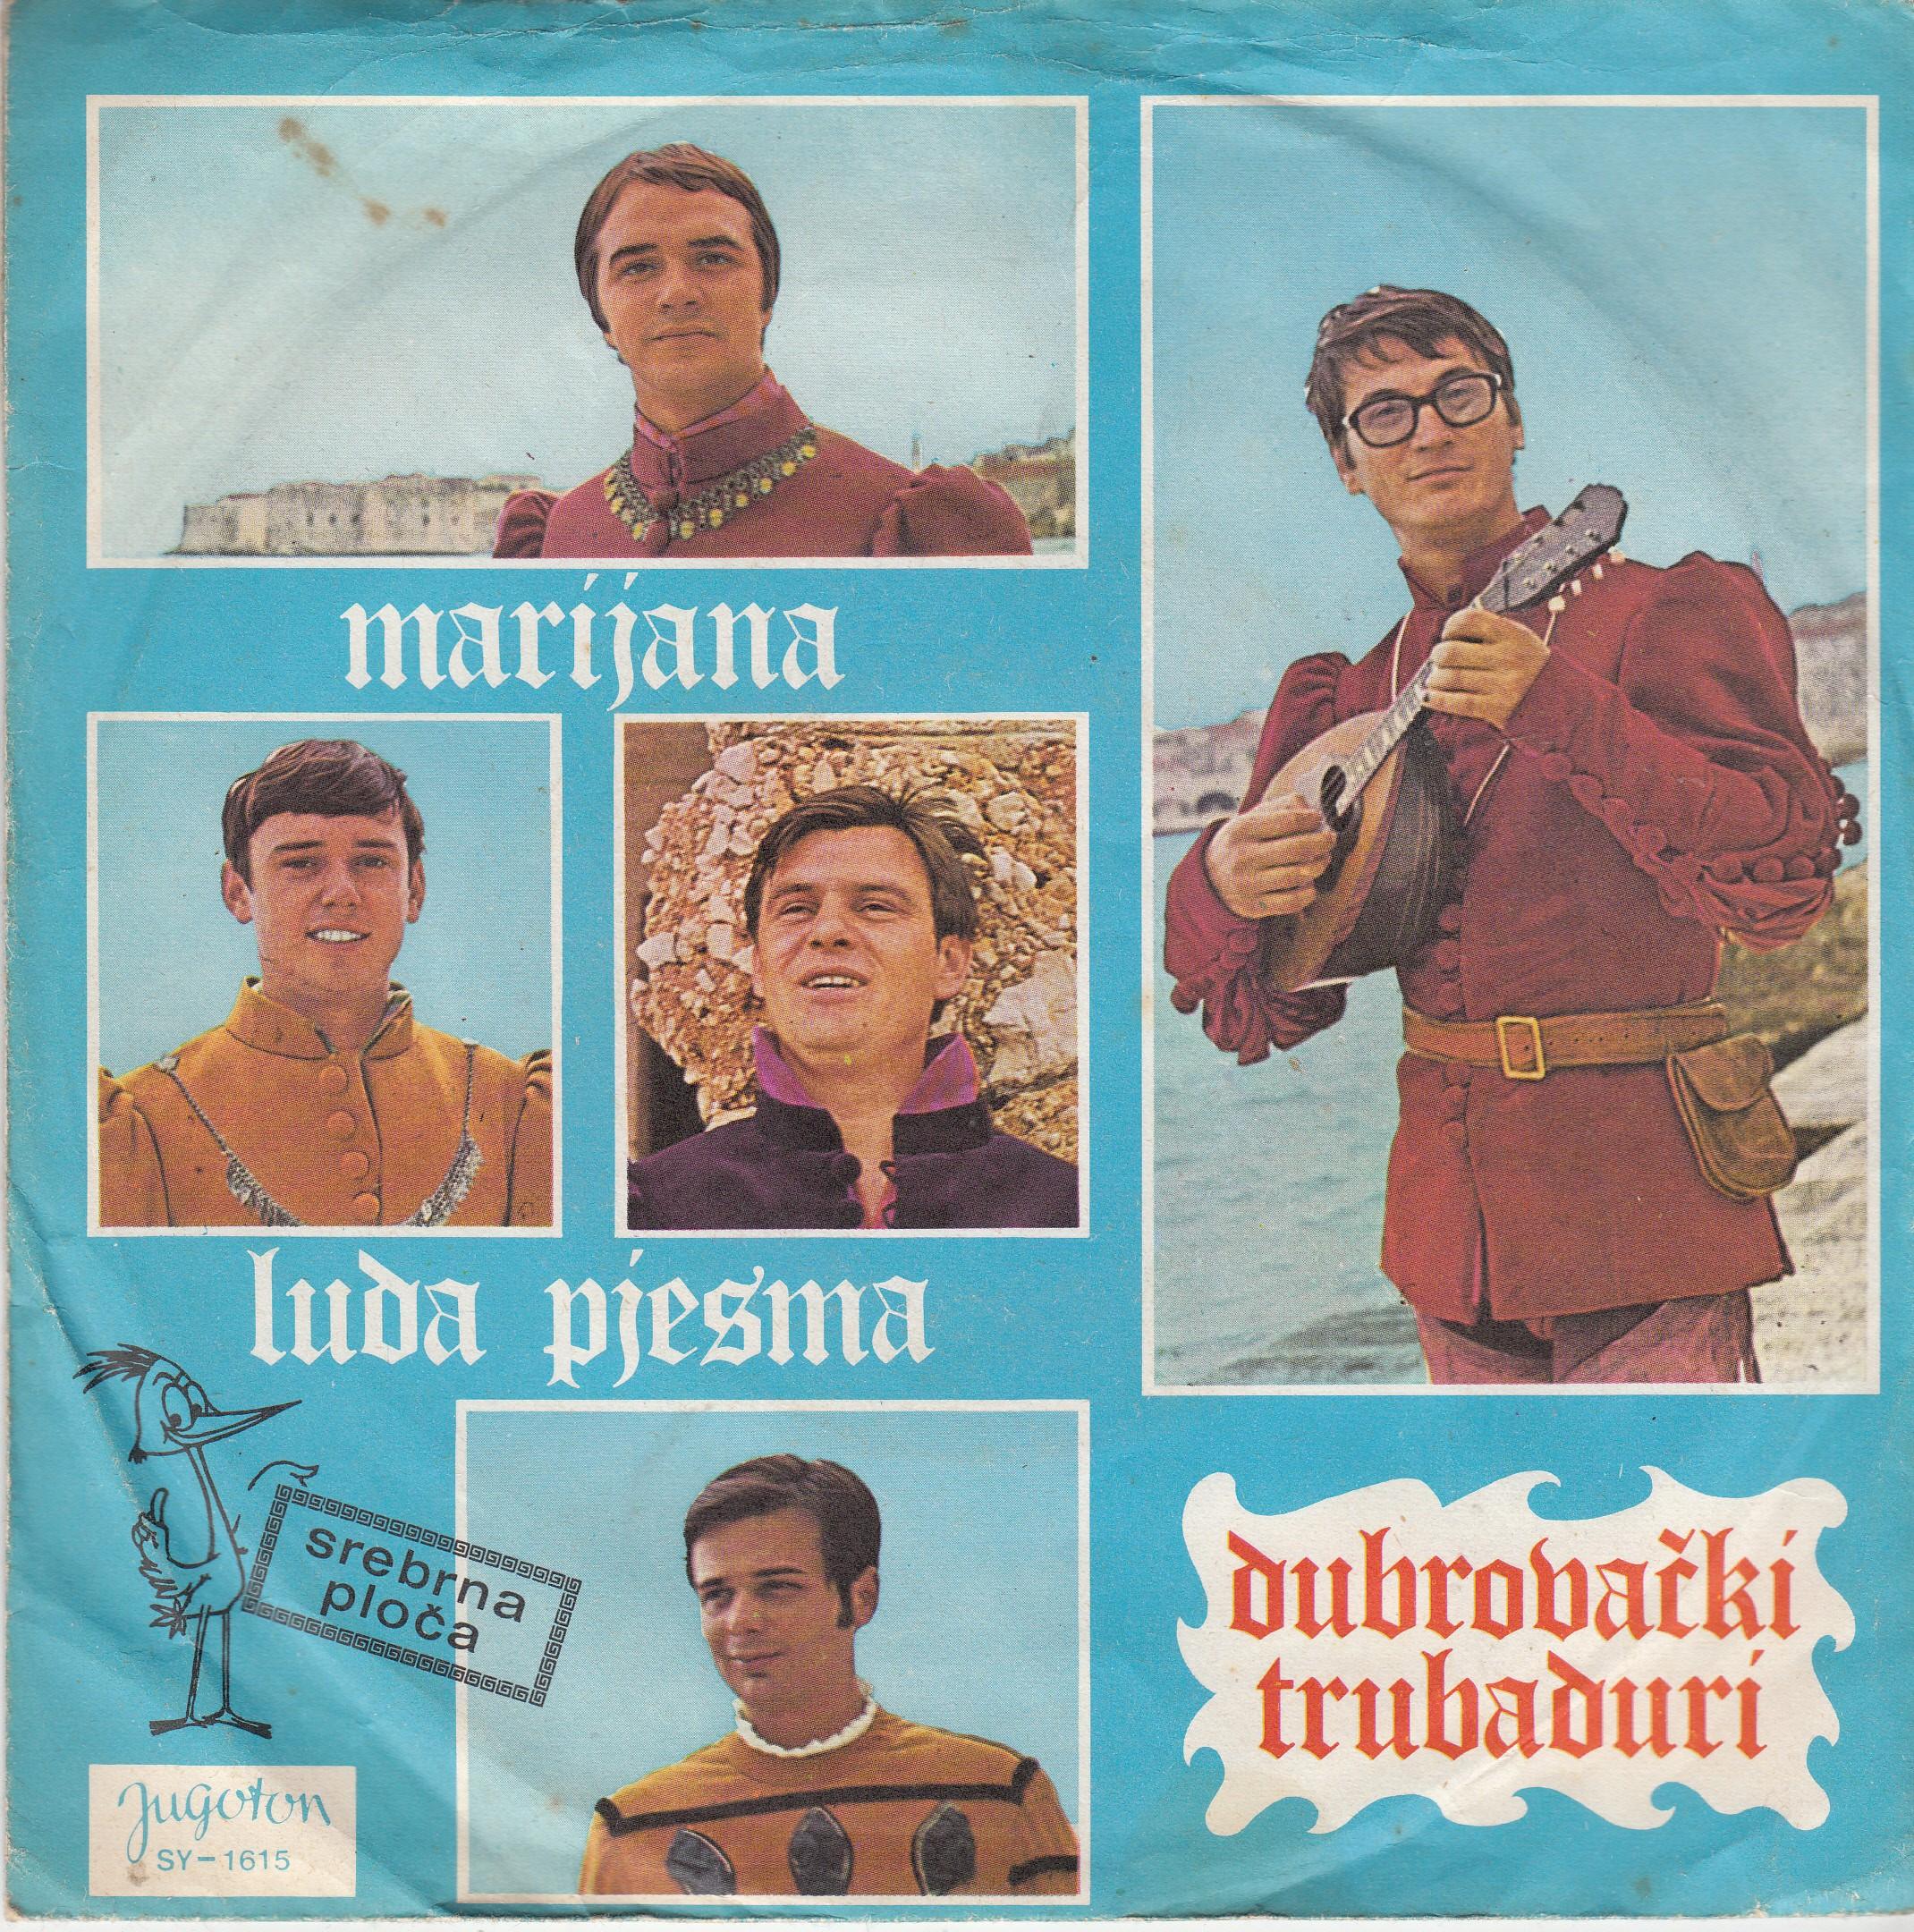 Dubrovacki Trubaduri - Marijana/luda Pjesma